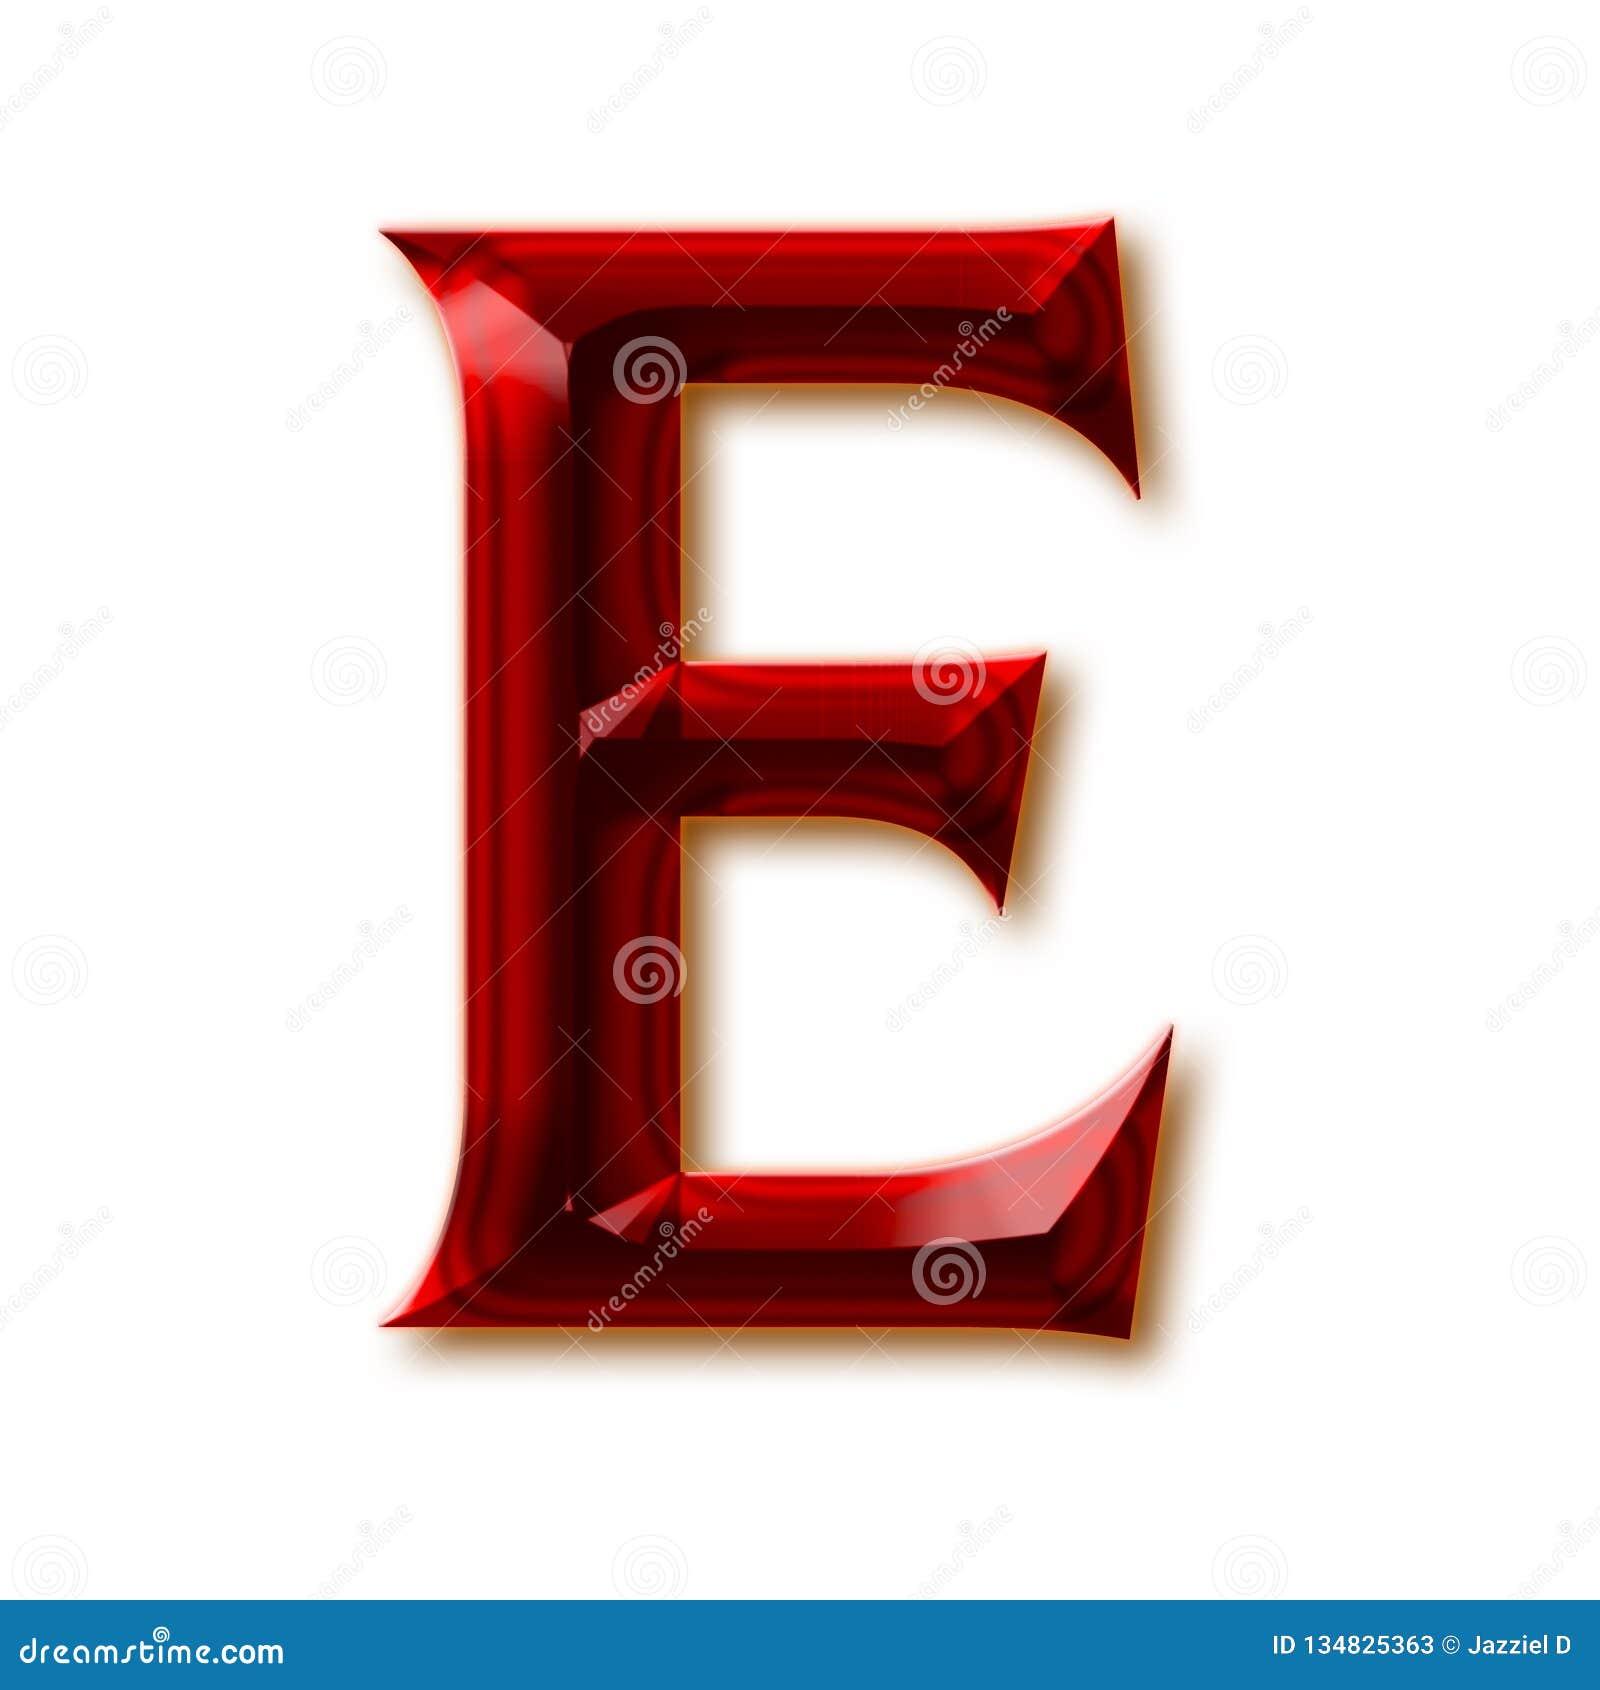 Letra E del alfabeto de rubíes tallado elegante